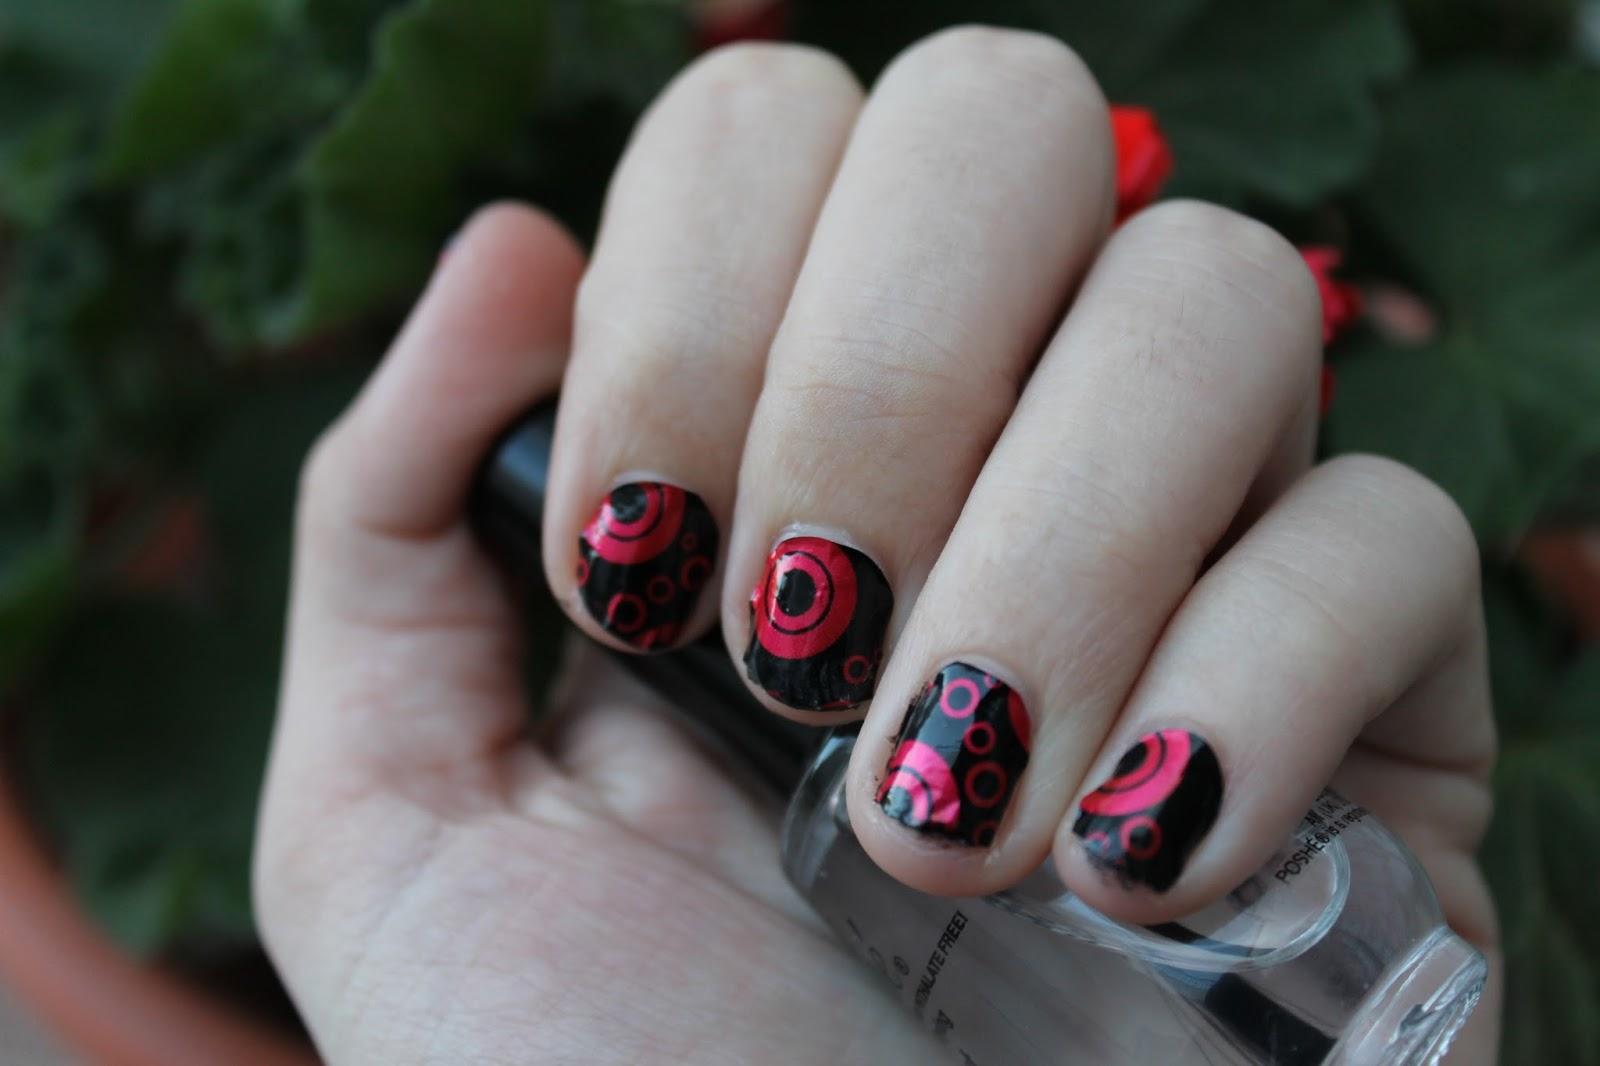 Por que no me gustan las pegatinas de uñas? - Blog de belleza